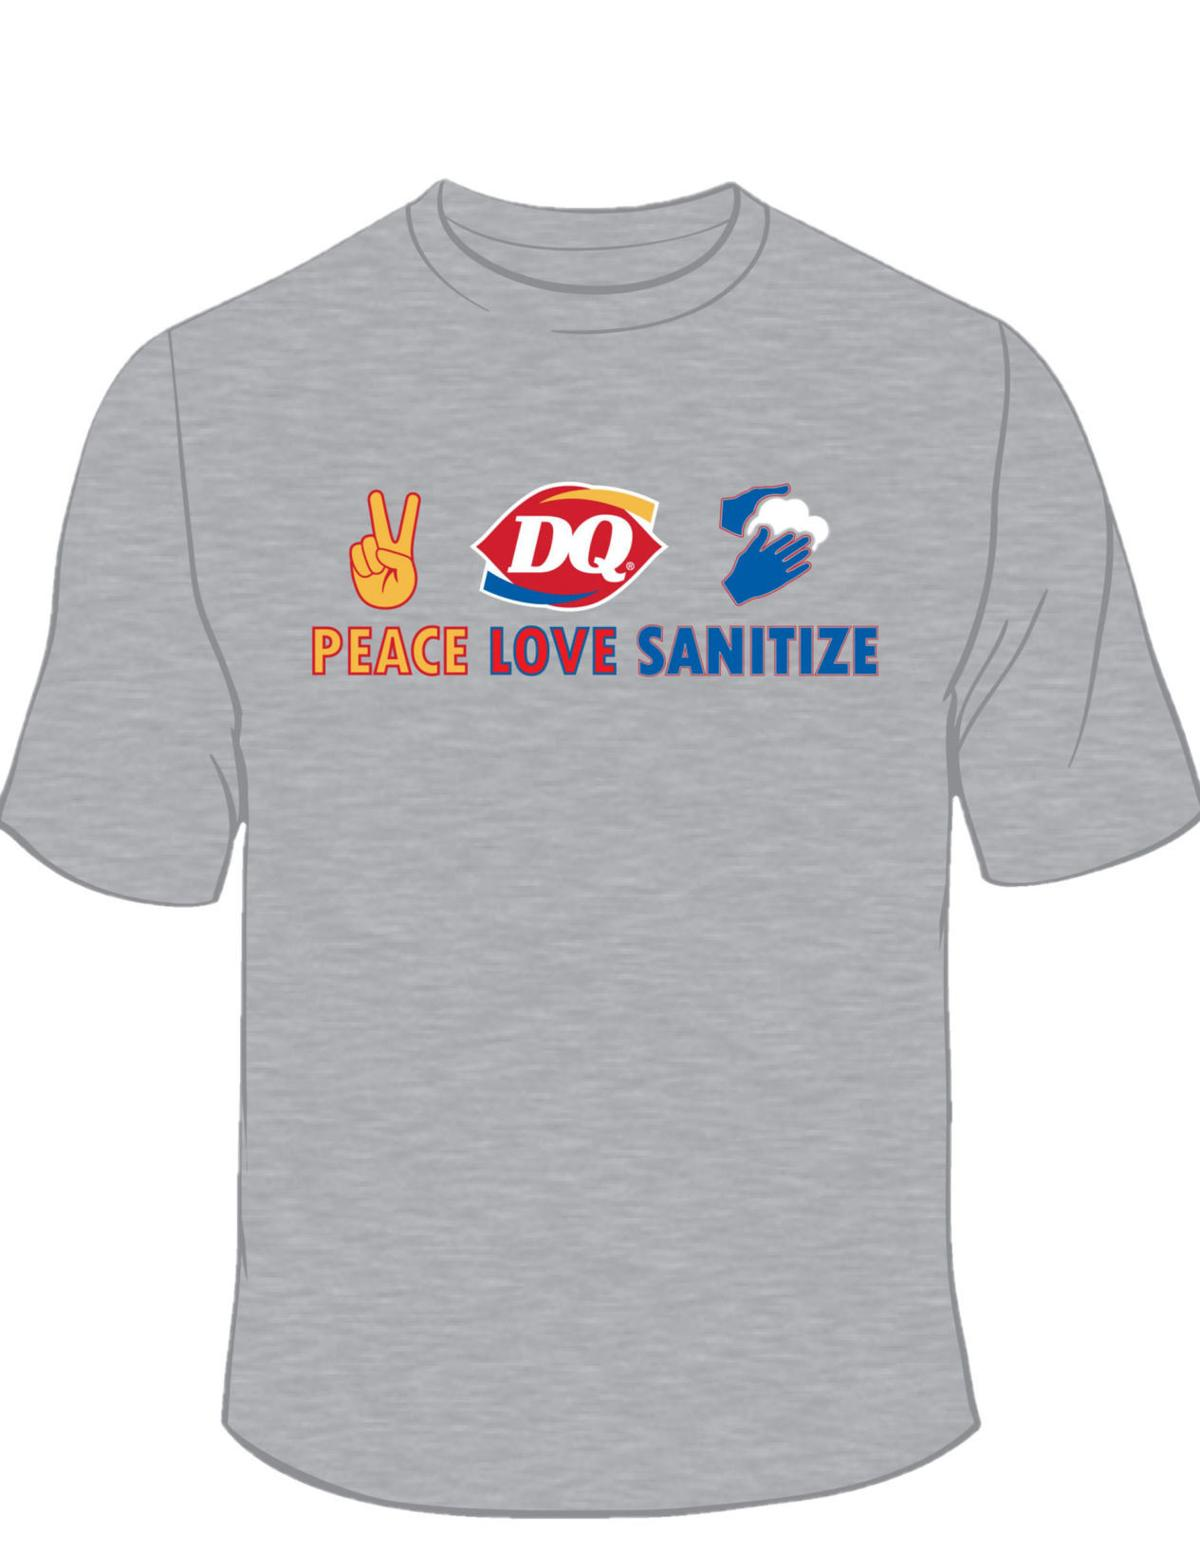 DQ shirts